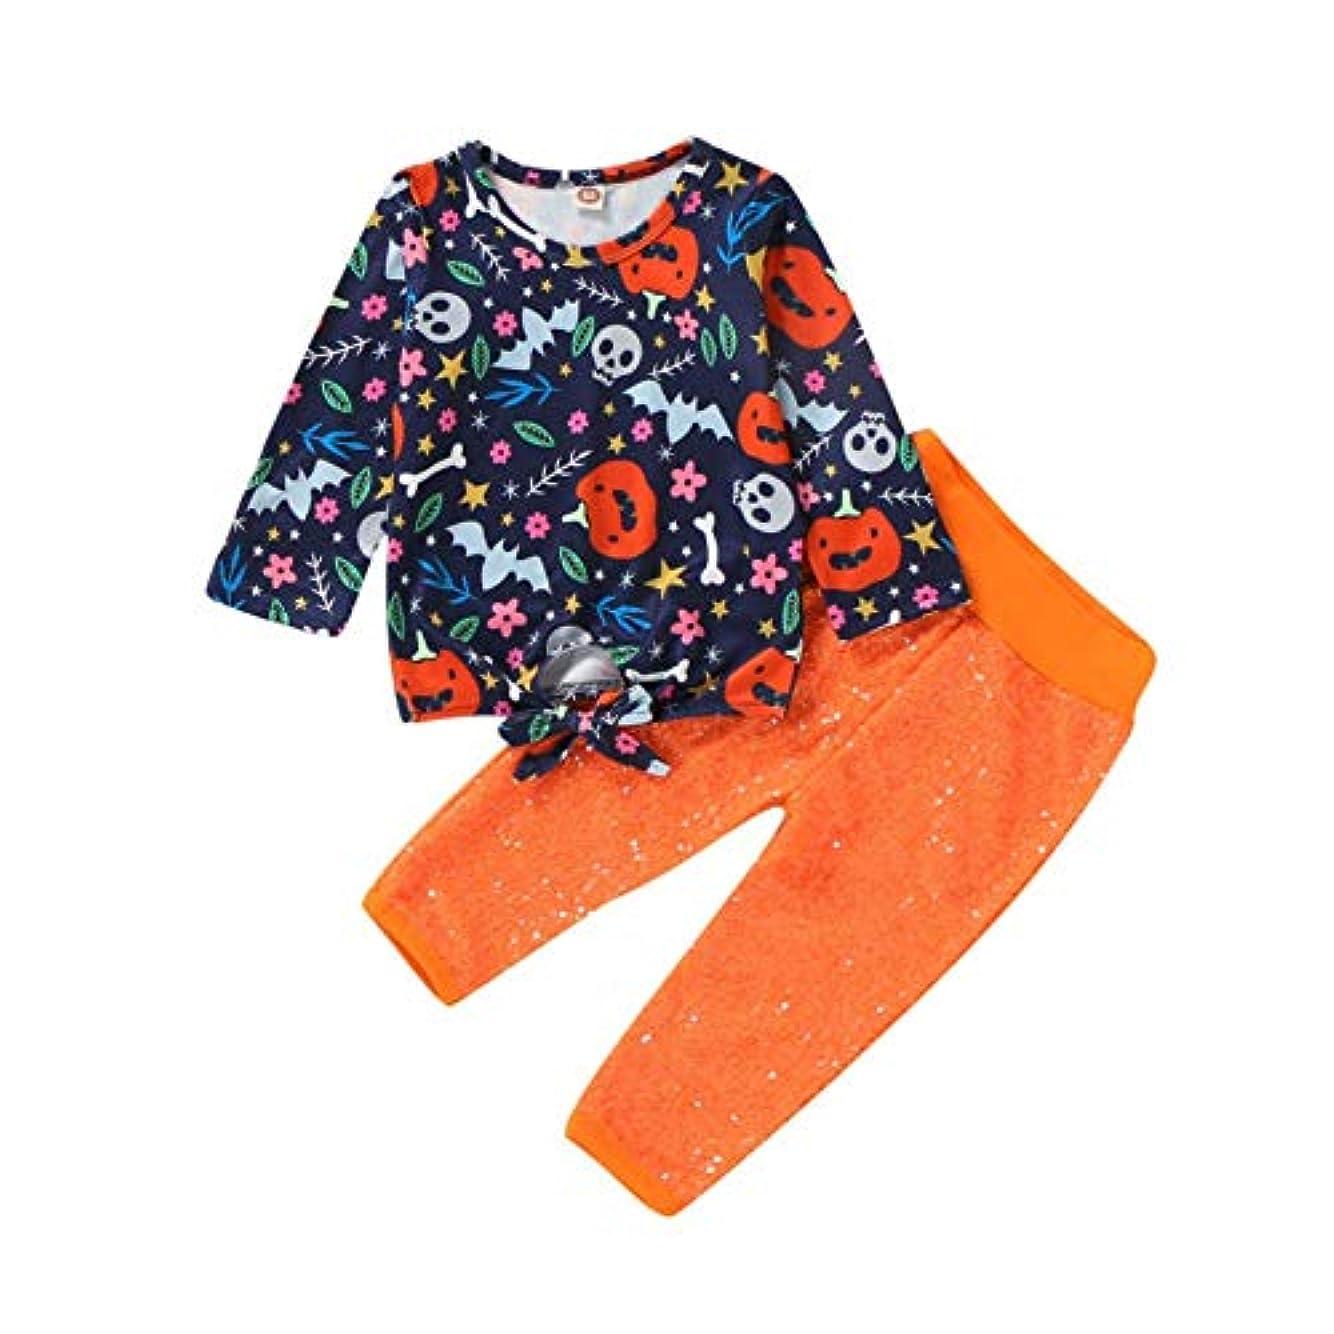 助けて不均一噴出する子供 春 秋 ハロウィン プリント 長袖 ラウンドカラー カジュアル トップス+パンツ